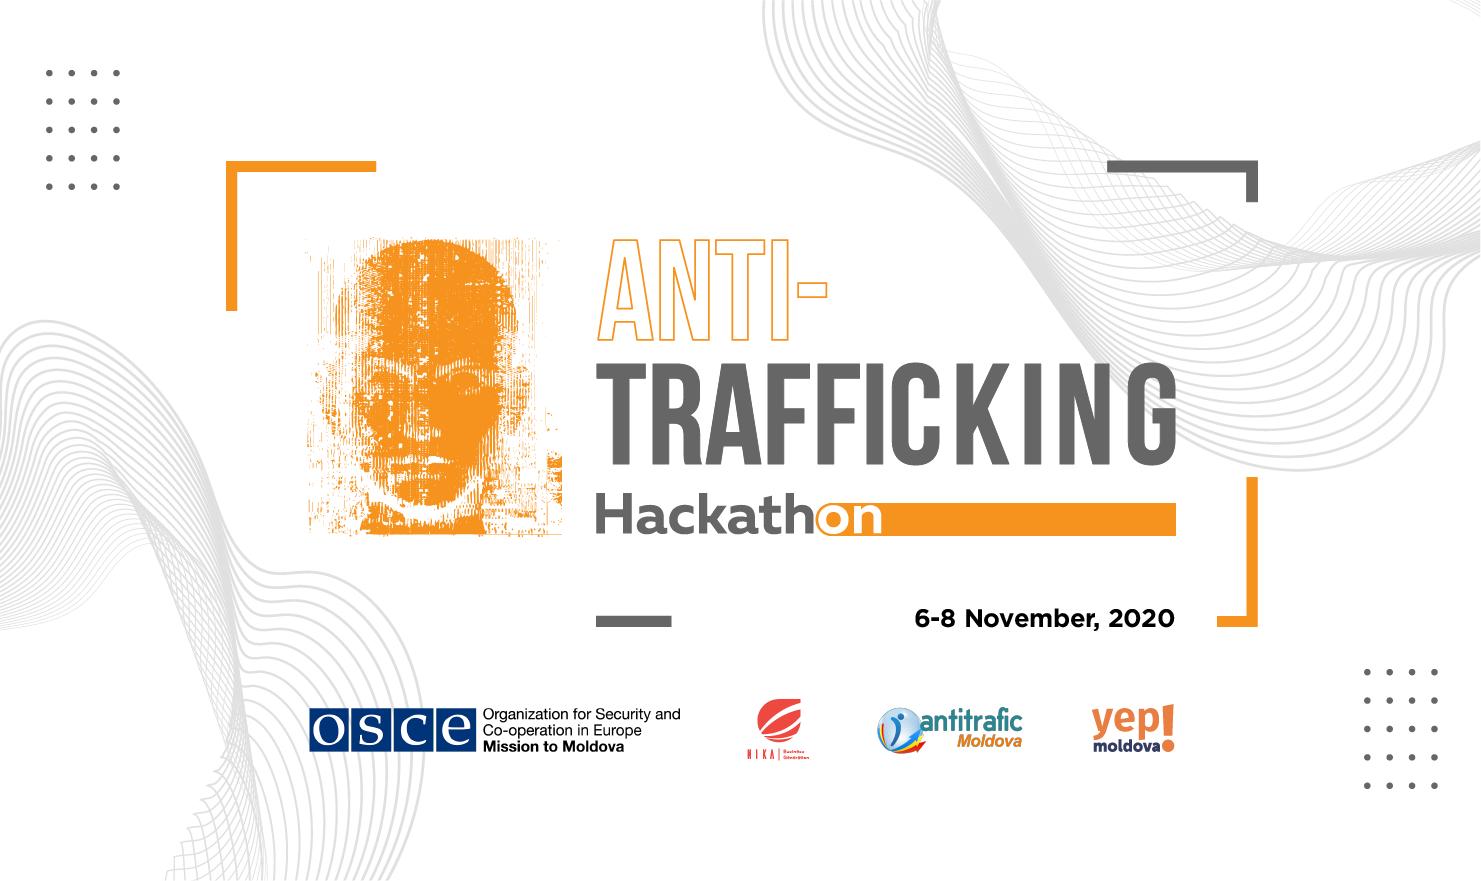 Anti-Trafficking Hackathon